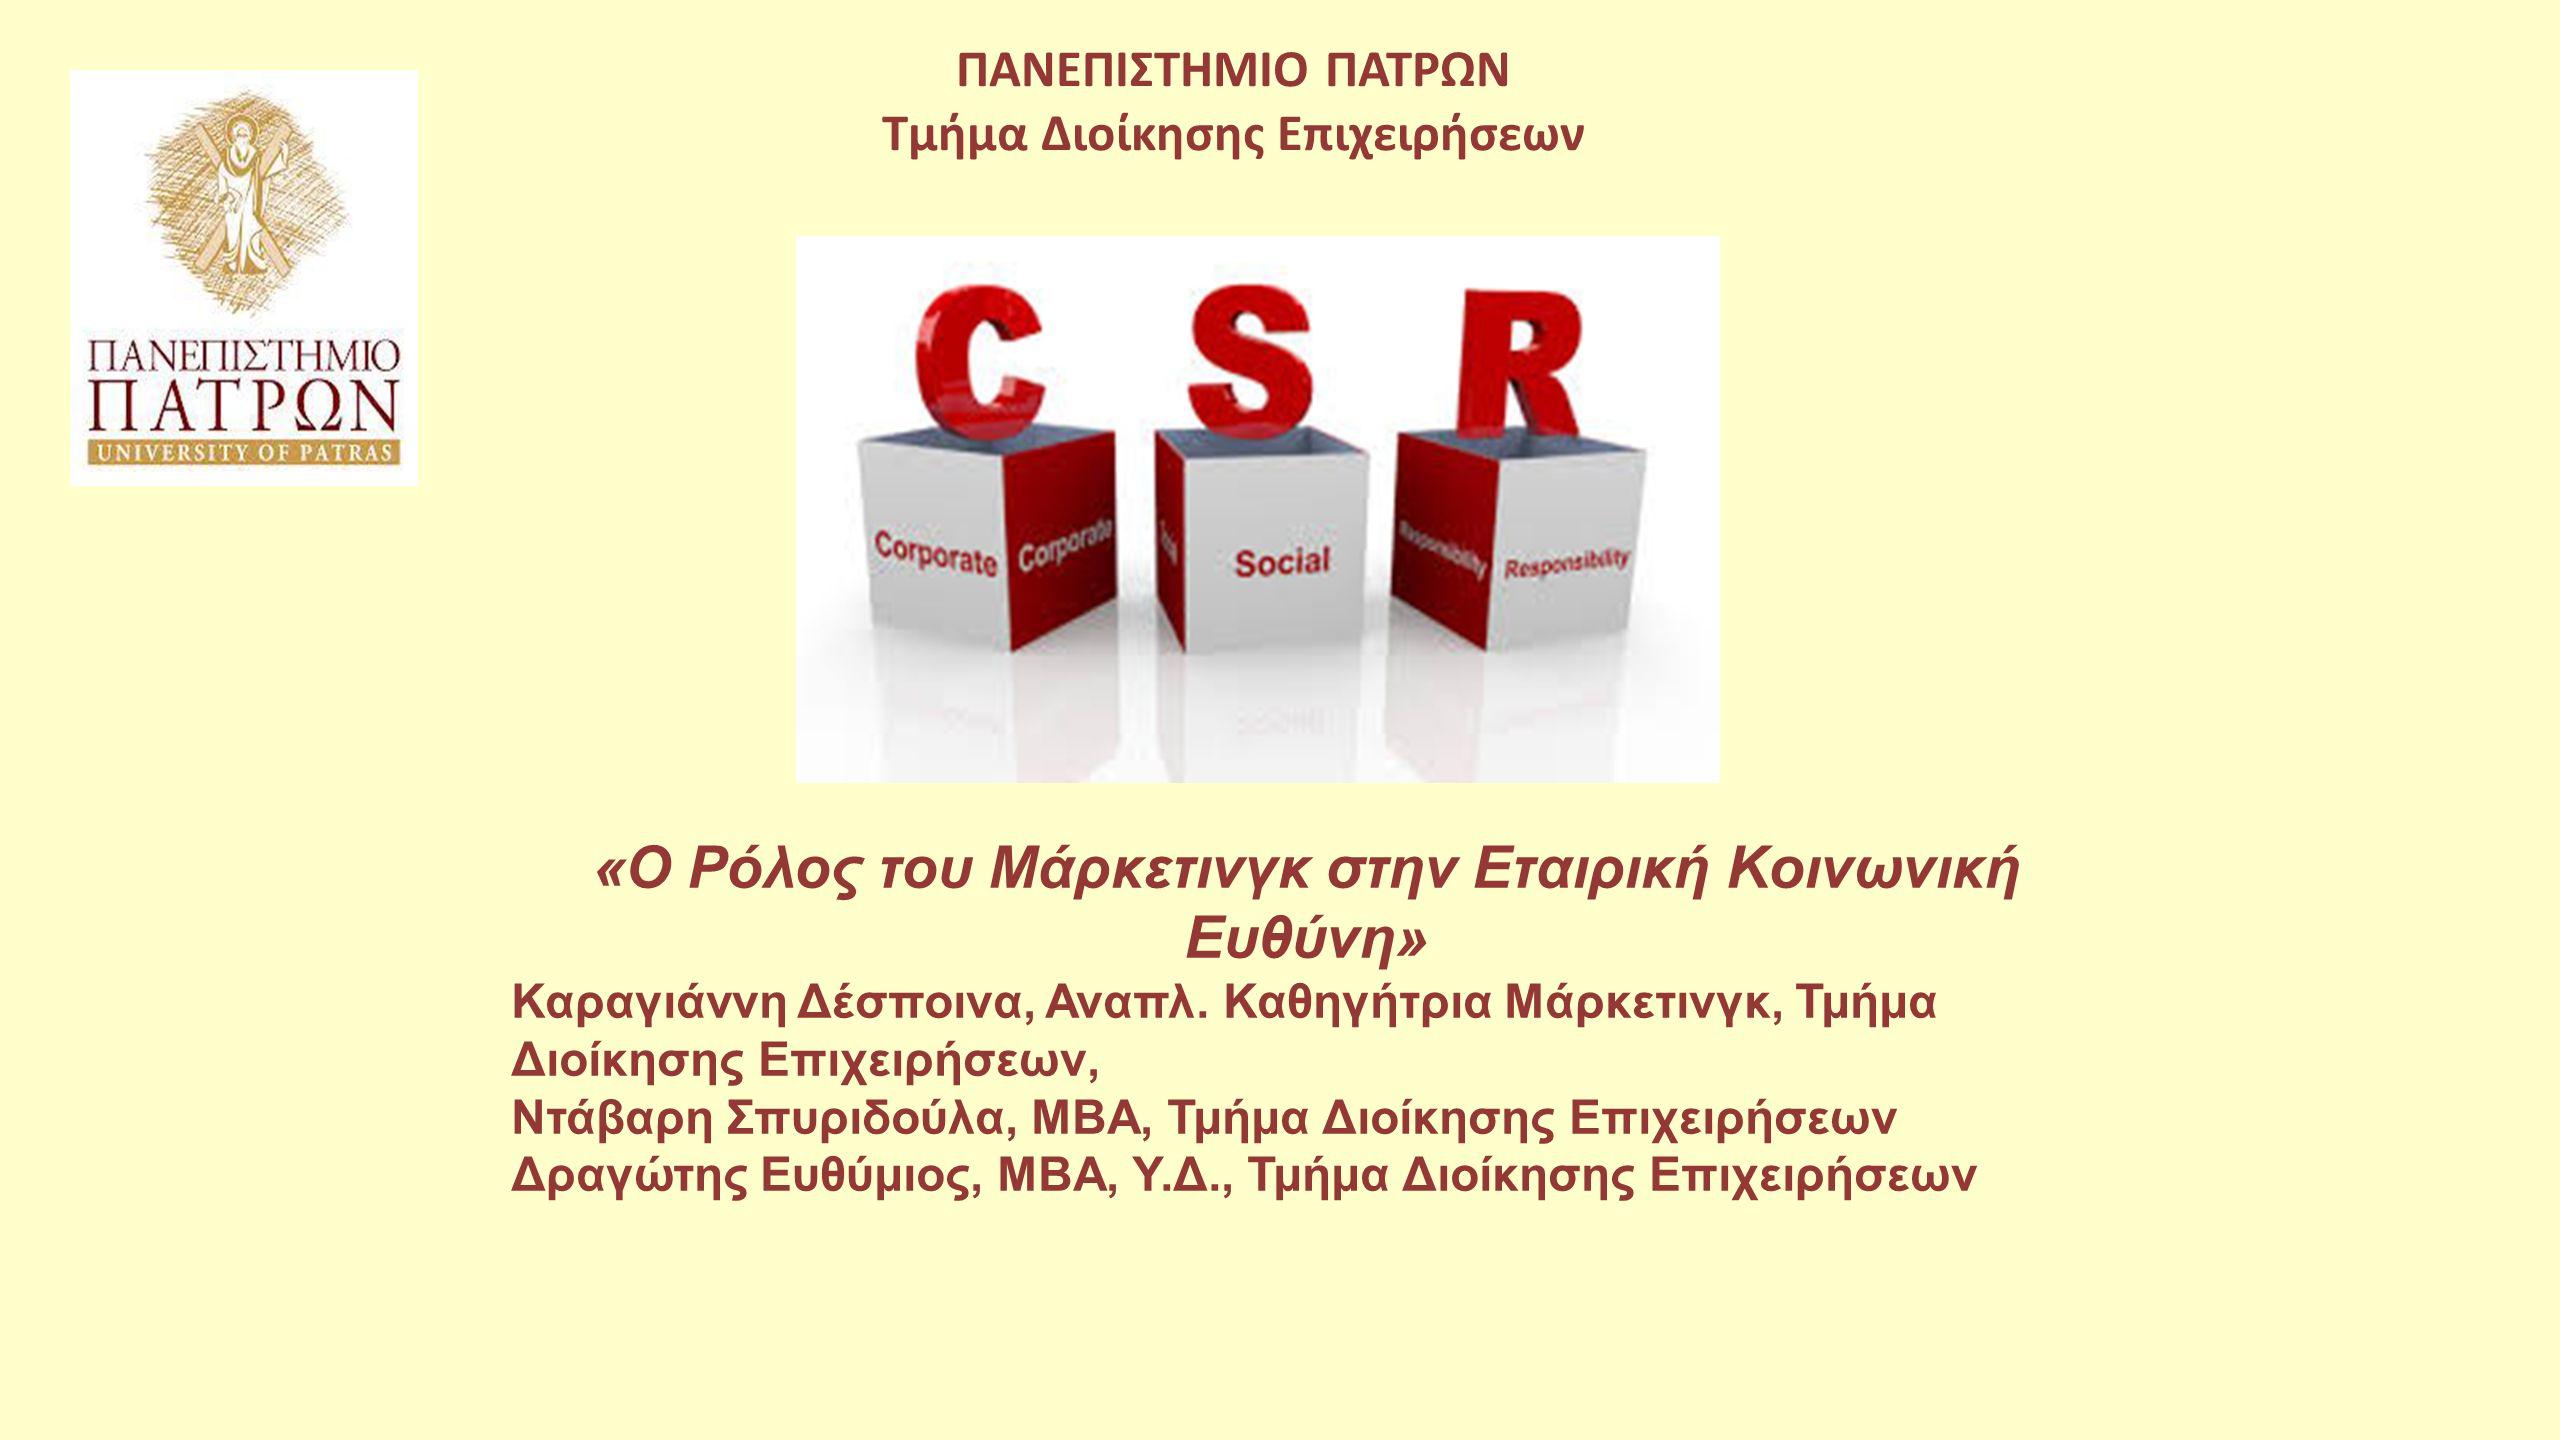 ΠΑΝΕΠΙΣΤΗΜΙΟ ΠΑΤΡΩΝ Τμήμα Διοίκησης Επιχειρήσεων «Ο Ρόλος του Μάρκετινγκ στην Εταιρική Κοινωνική Ευθύνη» Καραγιάννη Δέσποινα, Αναπλ. Καθηγήτρια Μάρκετ